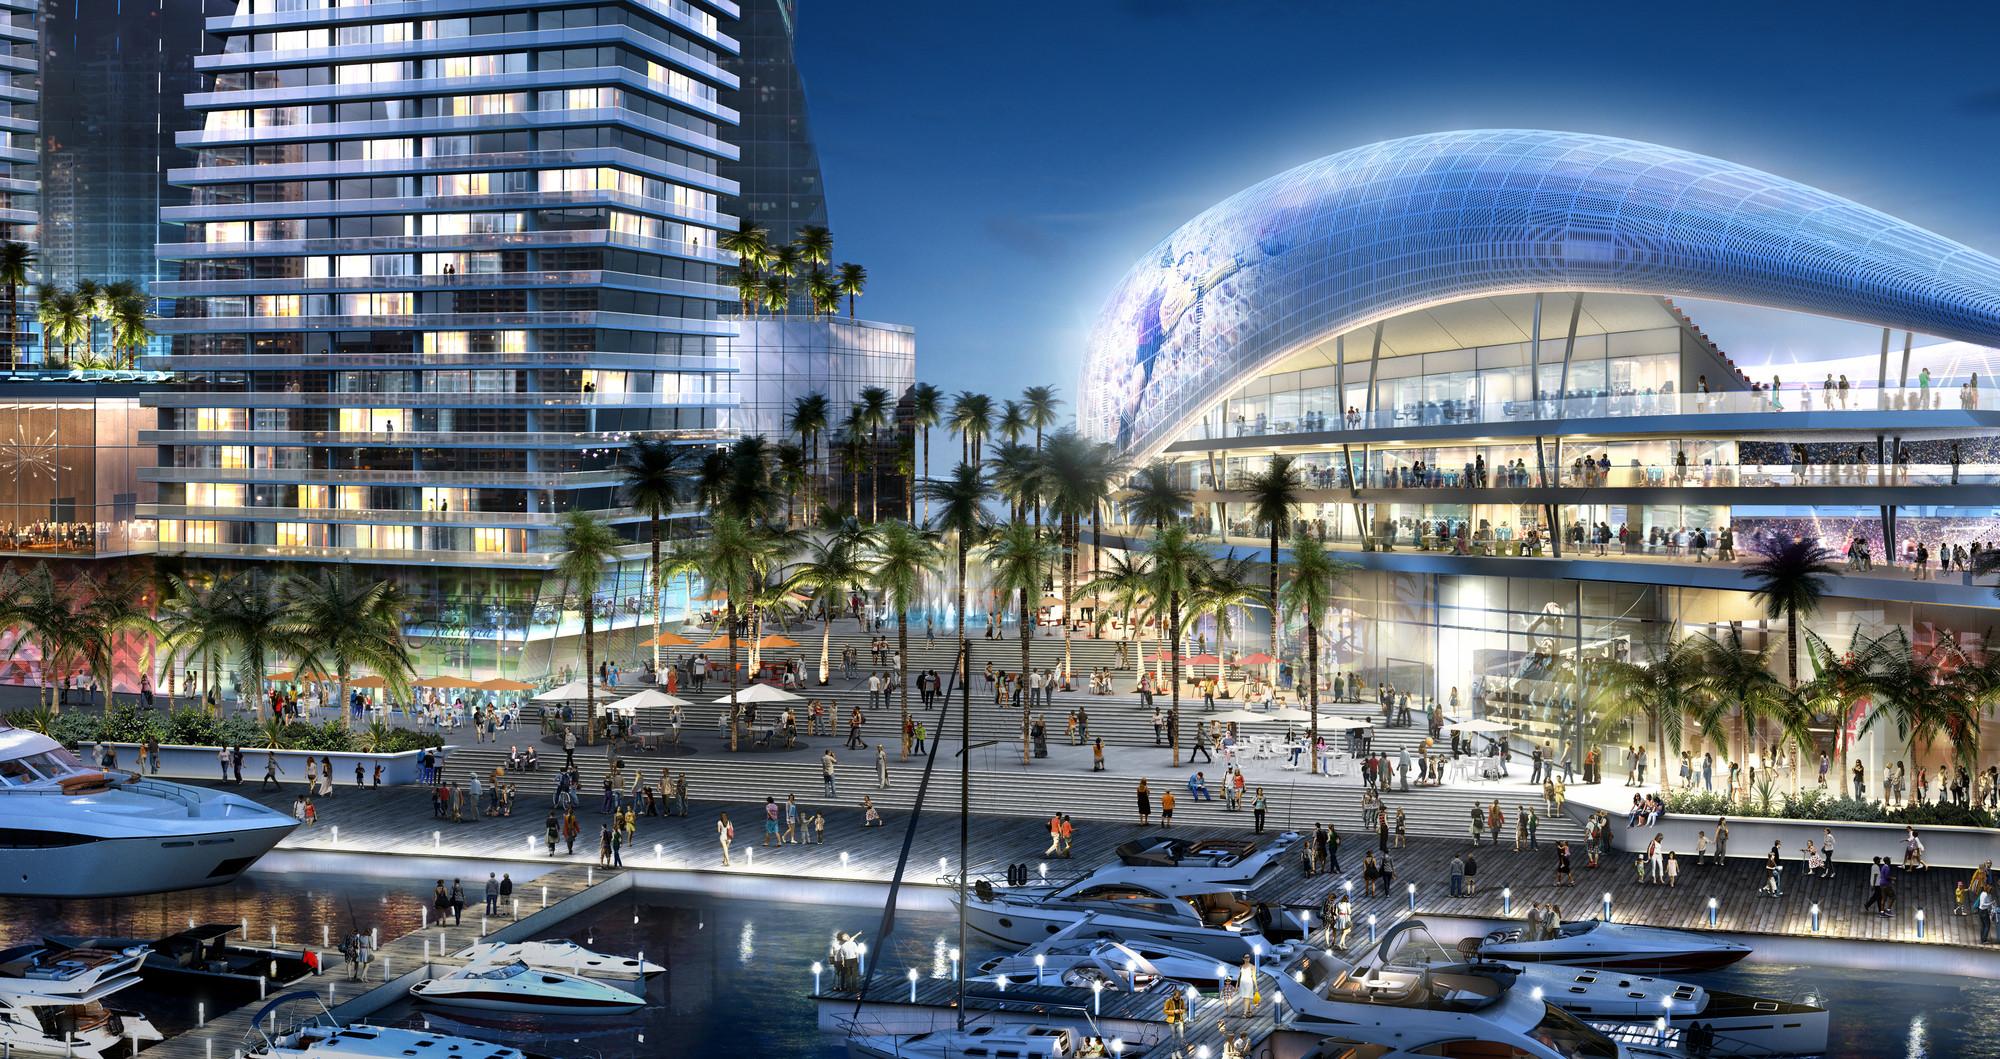 Plan de David Beckham para su Estadio en Miami provoca controversia, El plan original en el puerto de Miami, ahora es improbable de ser construido. Imágen © 360 Architecture and Arquitectonica